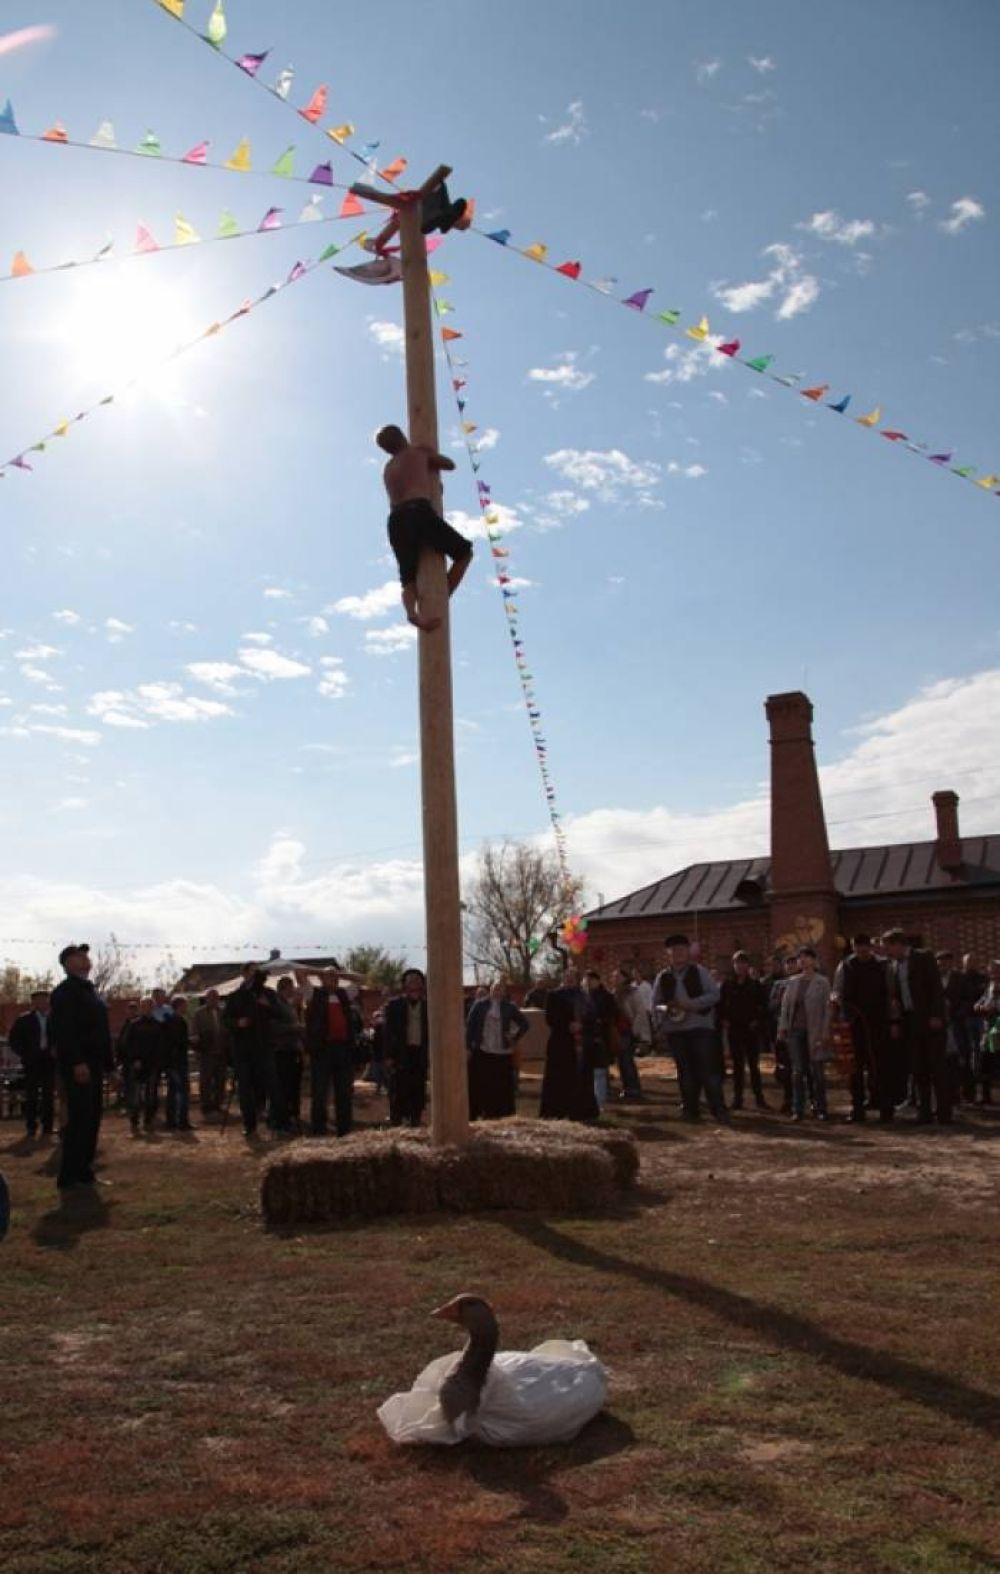 Смельчаки забирались на высокий гладкий столб, чтобы снять подвешенный на вершине приз.